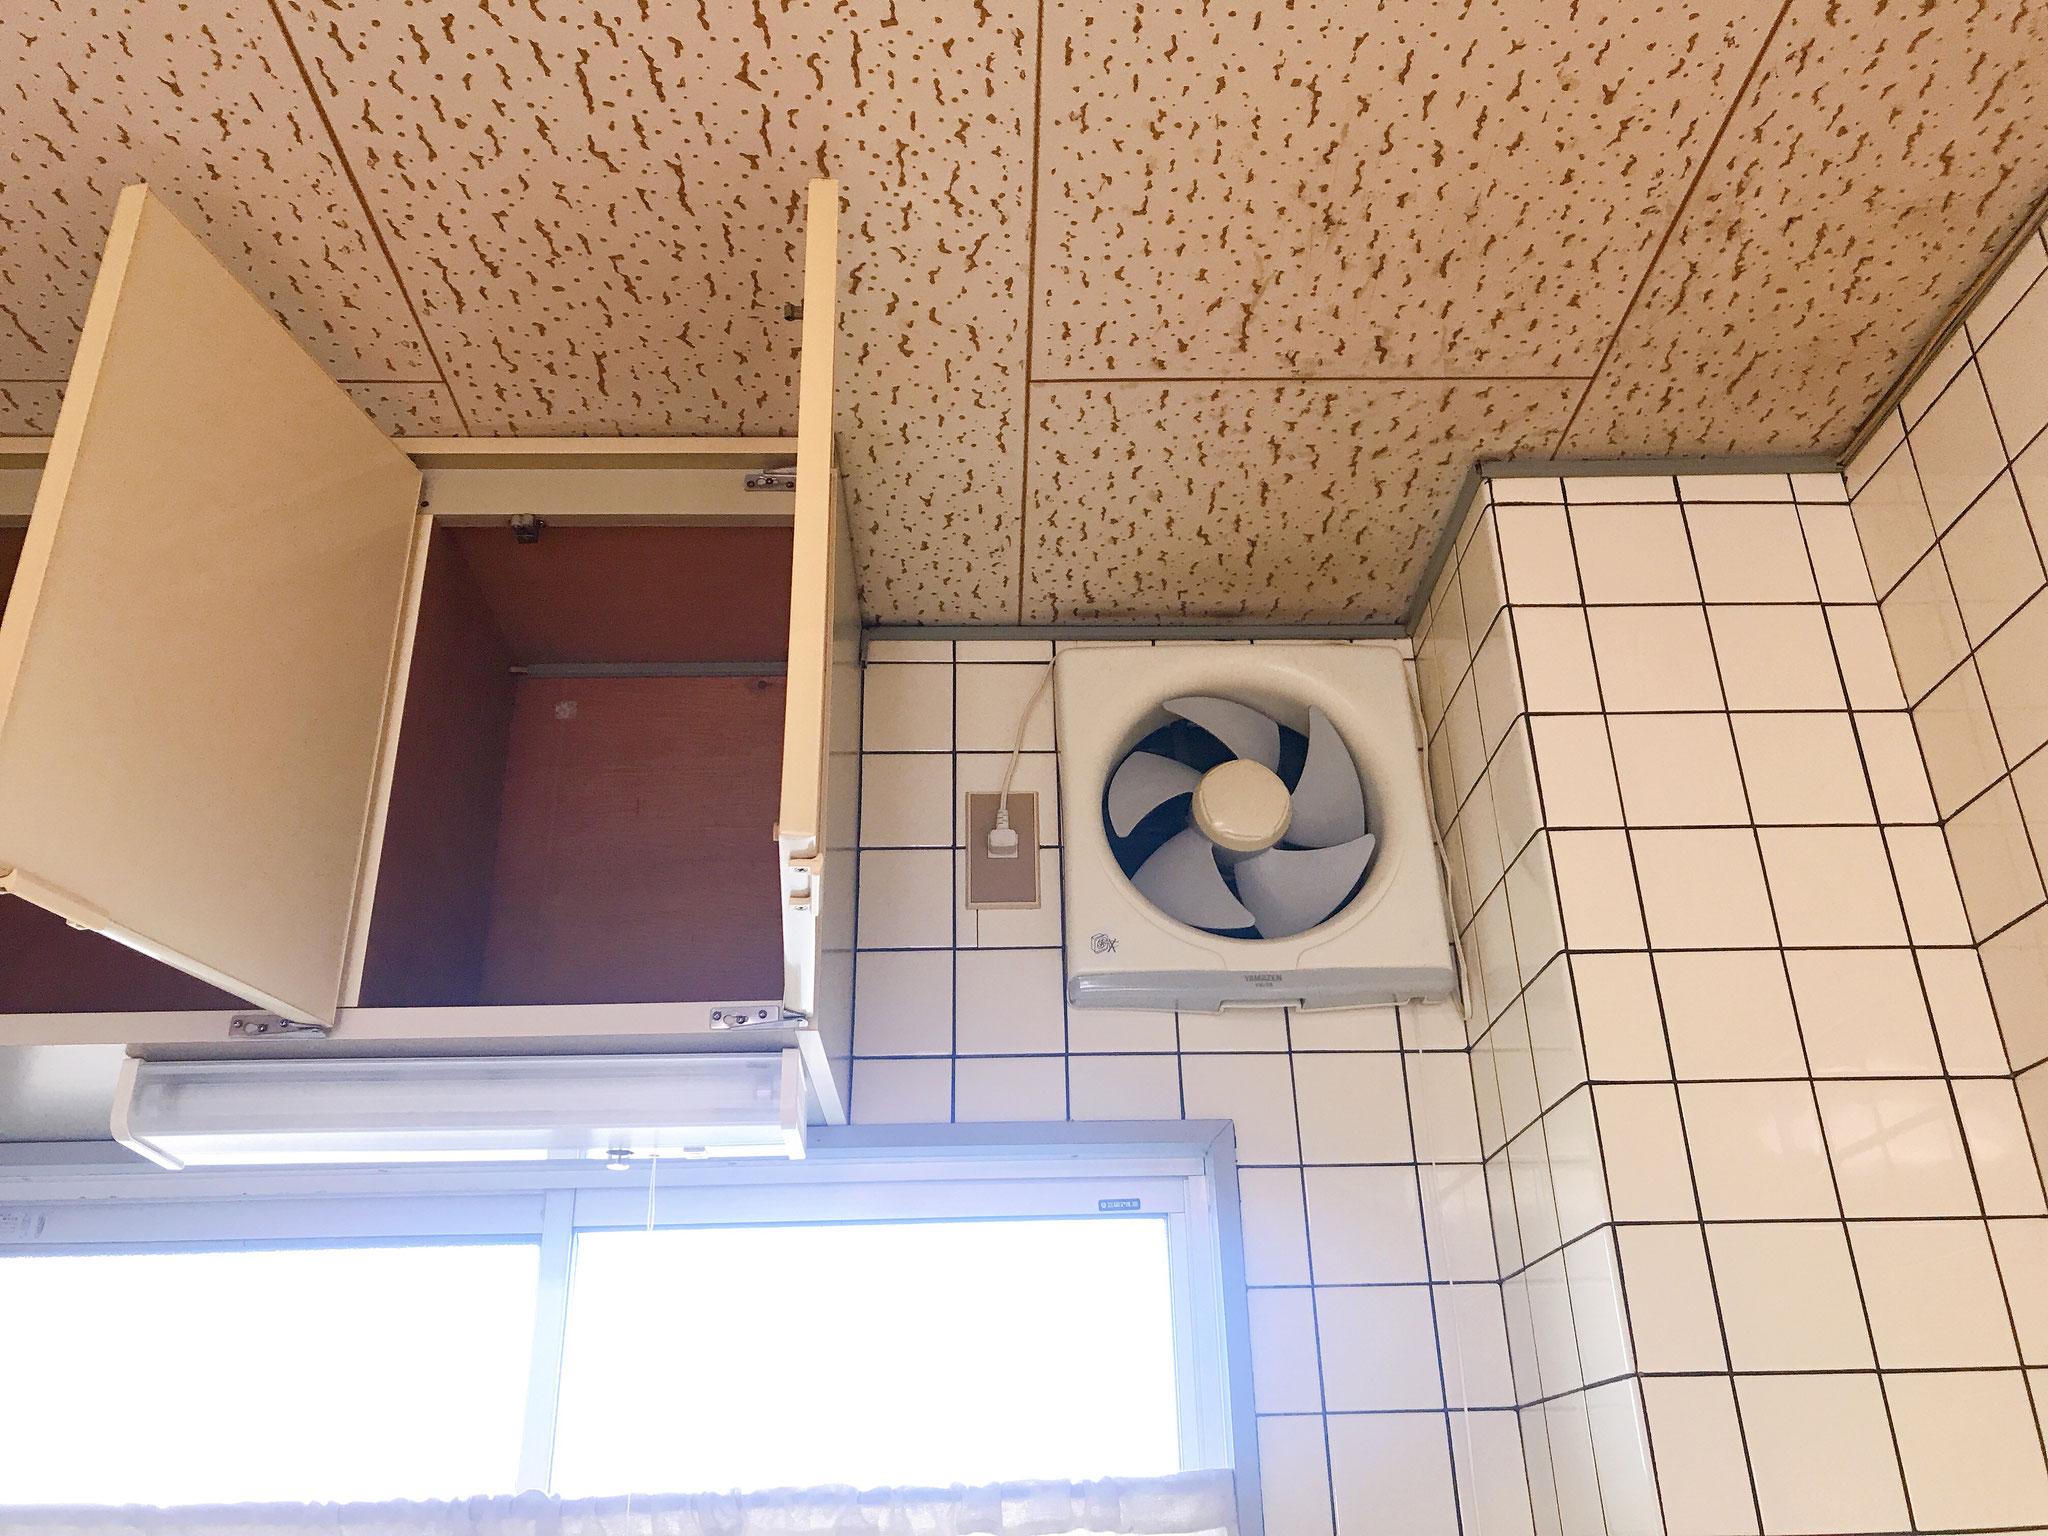 上部に換気扇、戸棚があります。意外とたくさん入りますよ。